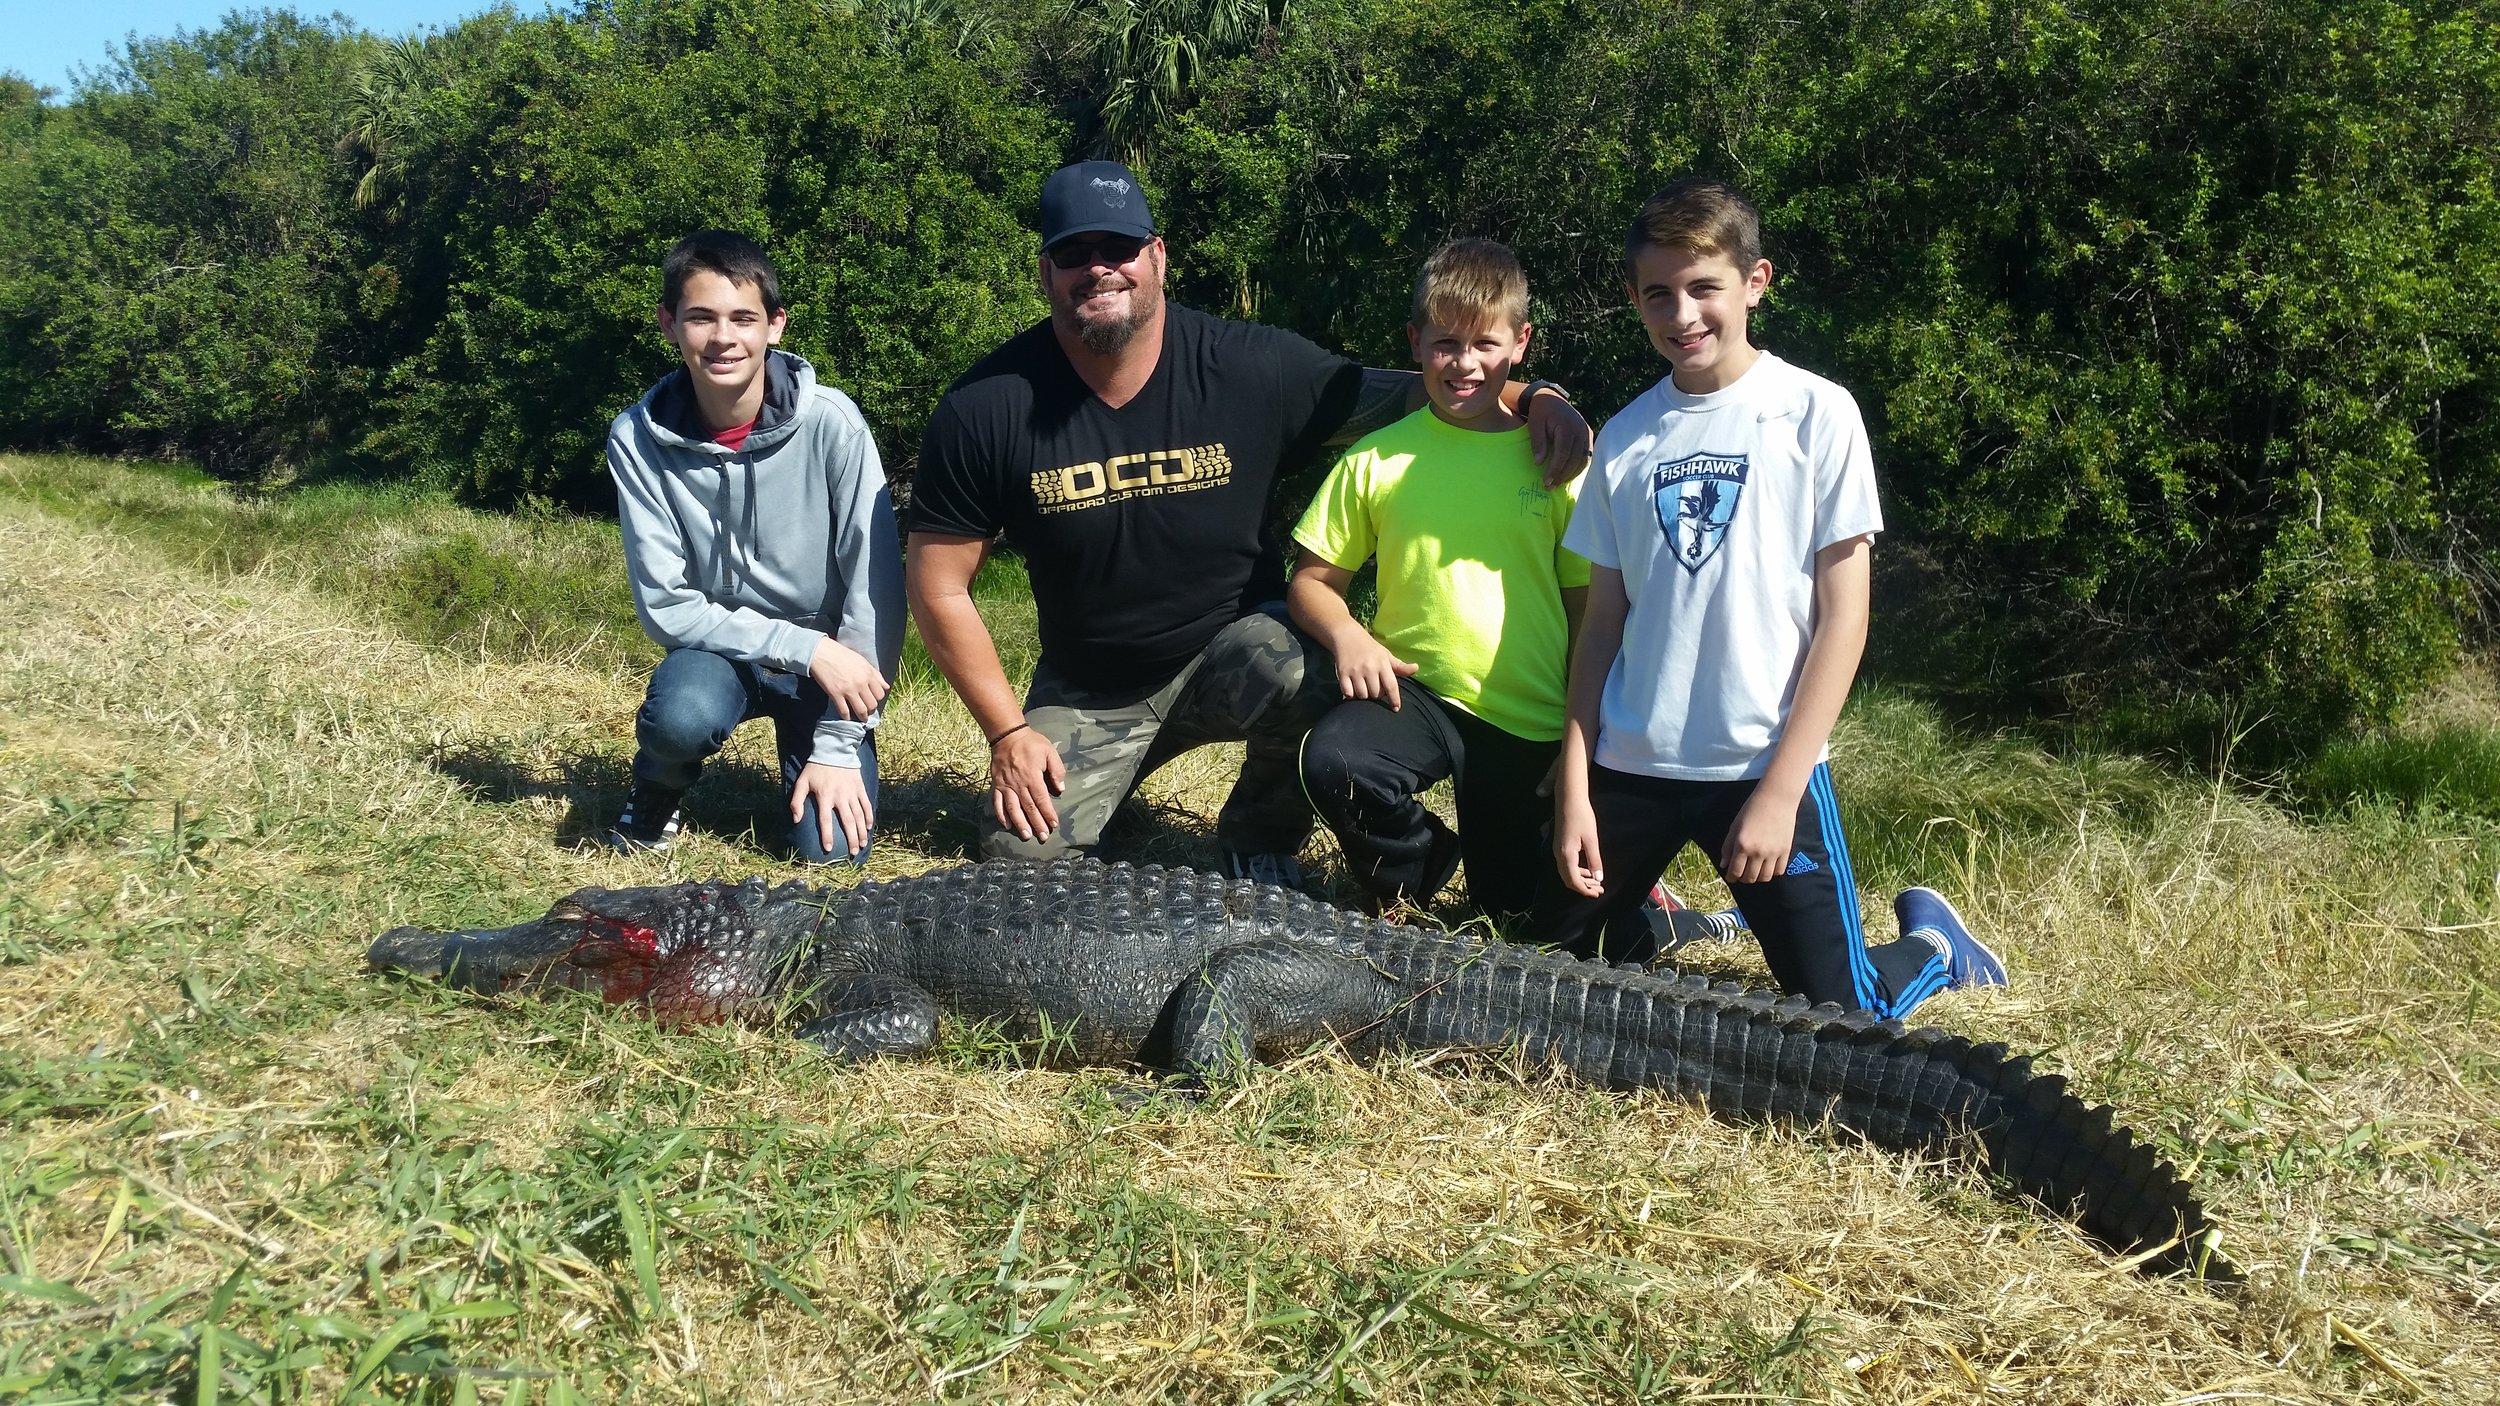 Okeechobee-Florida-Alligator-Hunting.jpg